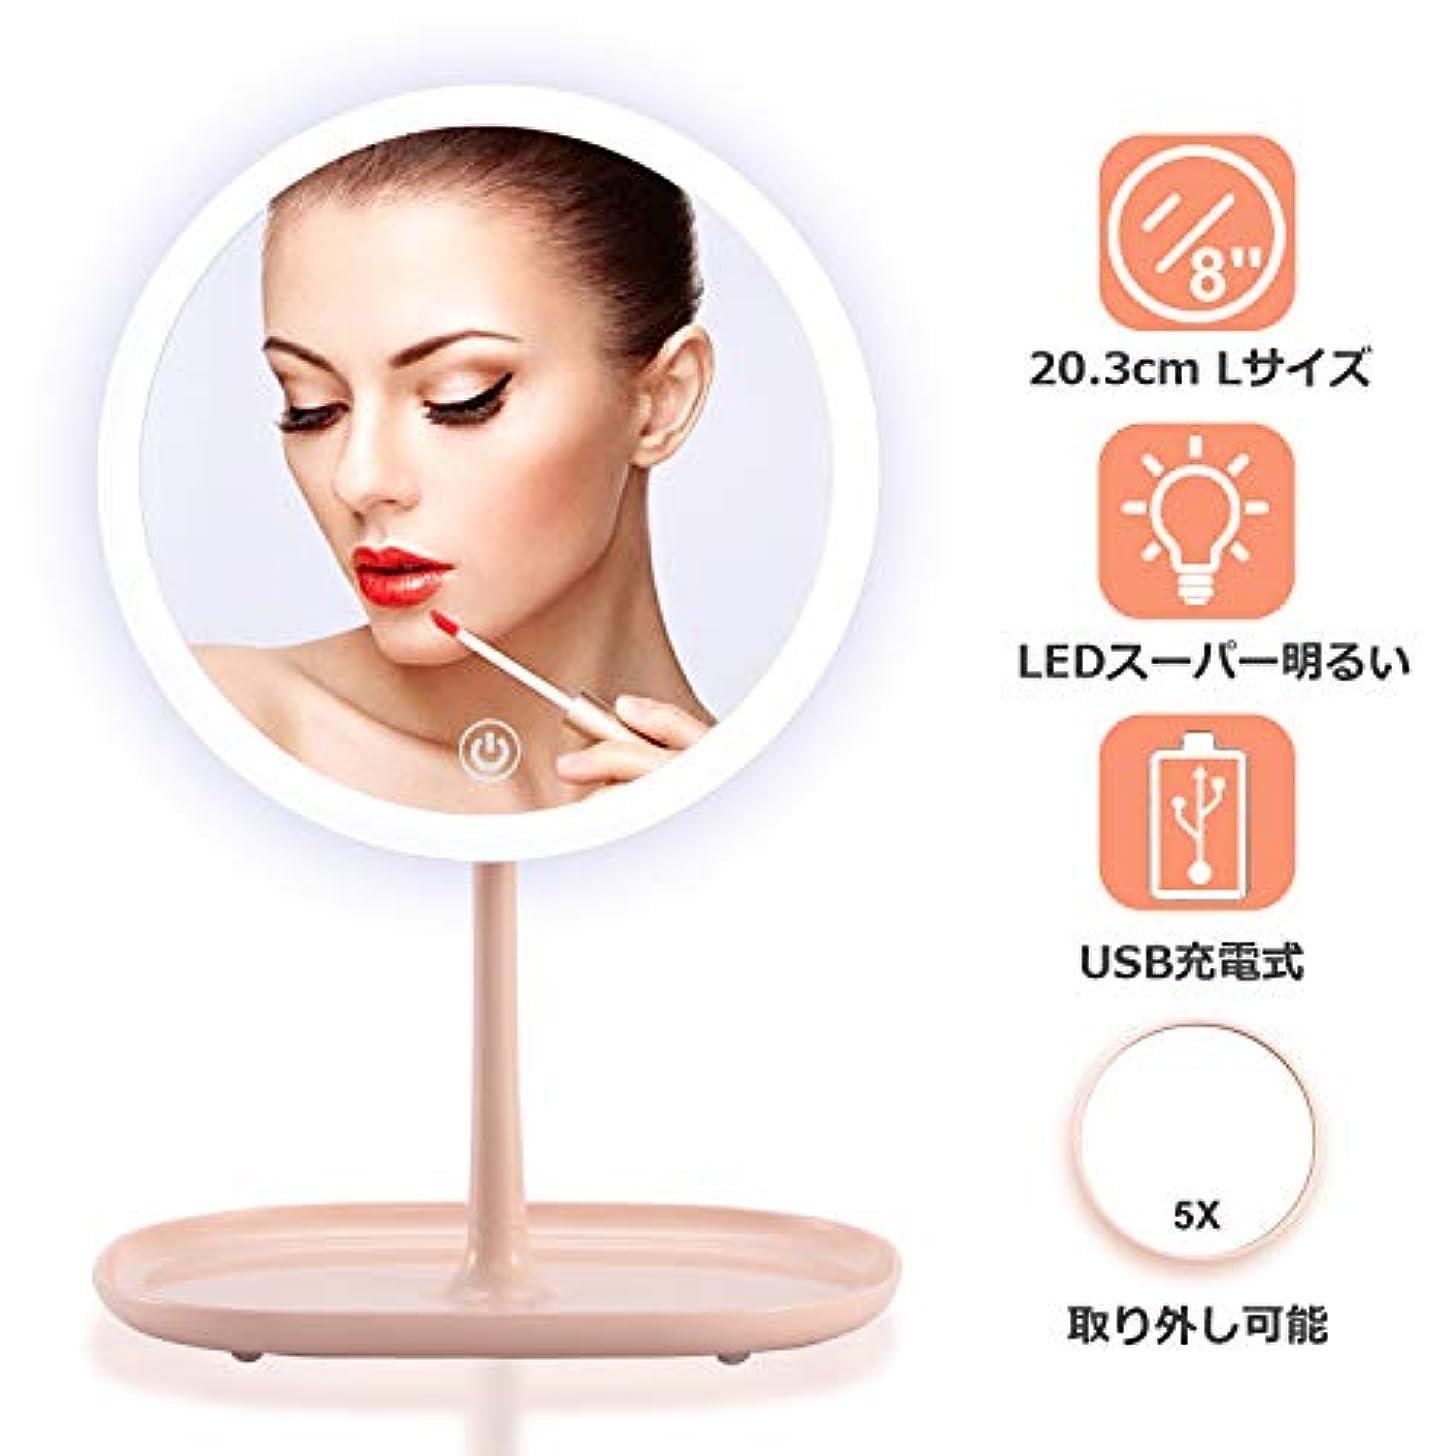 裏切り折る聴衆化粧鏡 卓上ミラー 女優ミラー LEDミラー スタンドミラー USB充電式 5倍拡大鏡付き 明るさ階調節可能 90°回転 鏡面Φ203mm